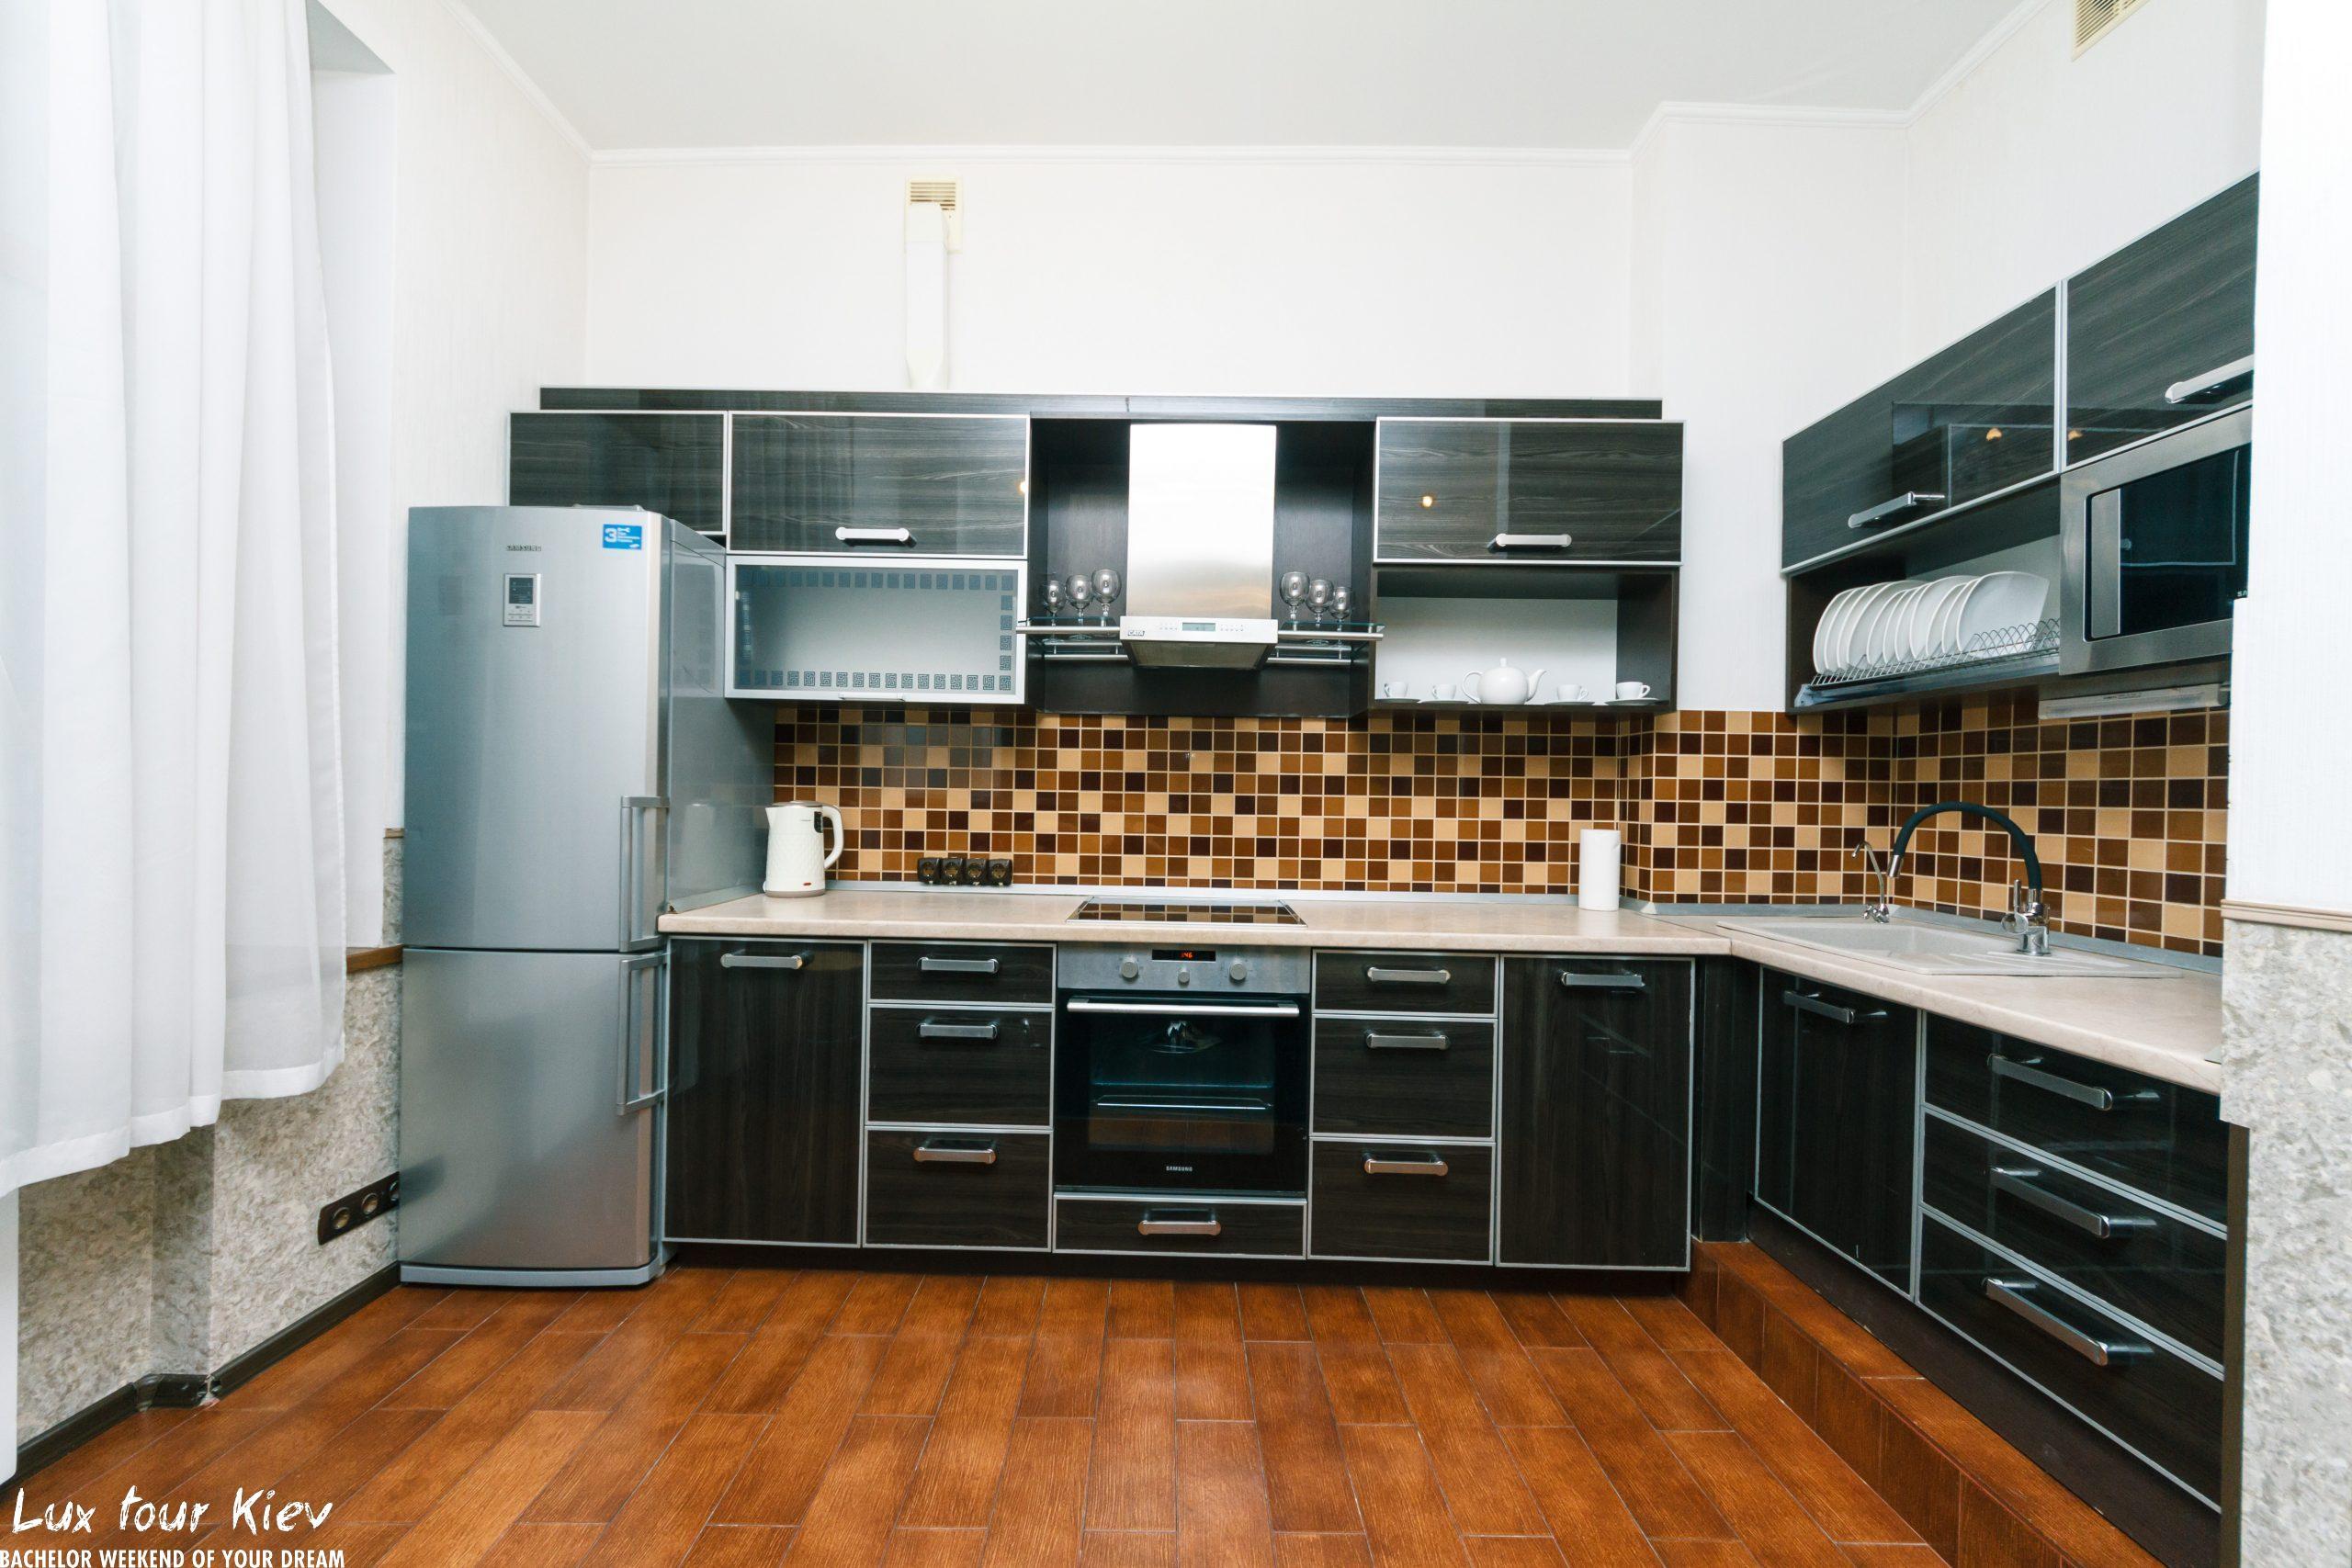 apartment_khreshatyk27_66445